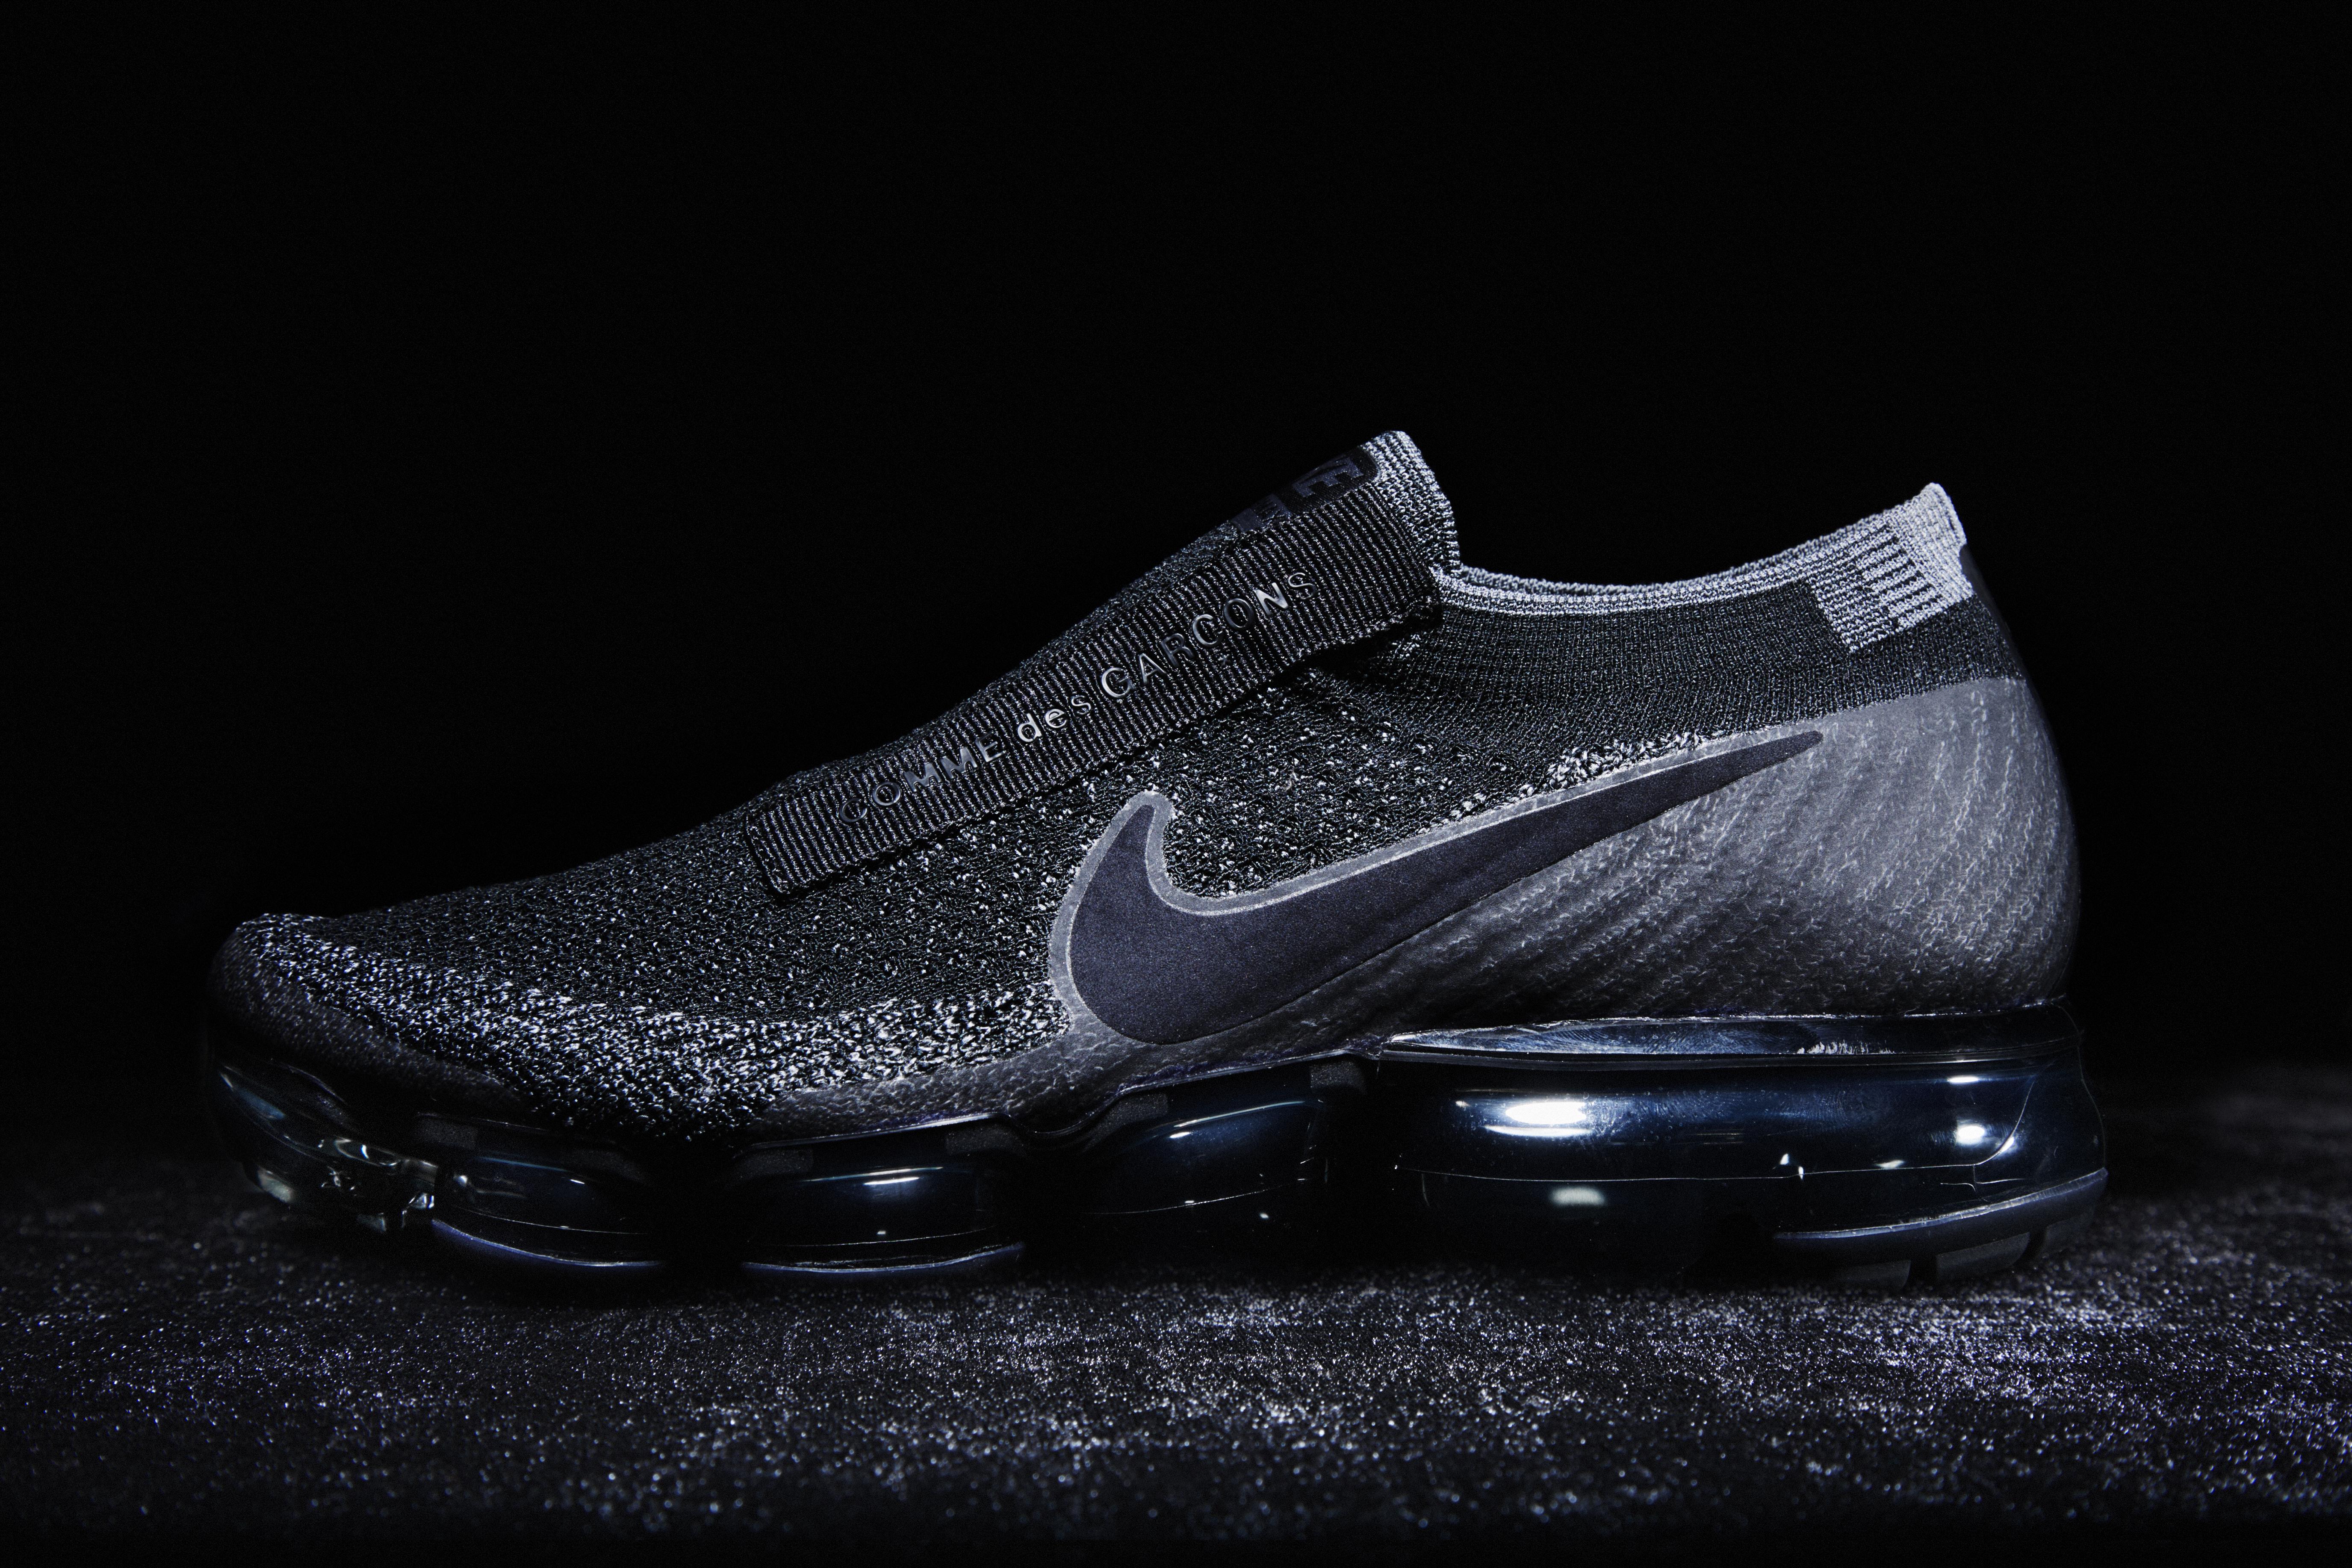 Nike_VaporMax_for_Comme_des_Garcons_7_original